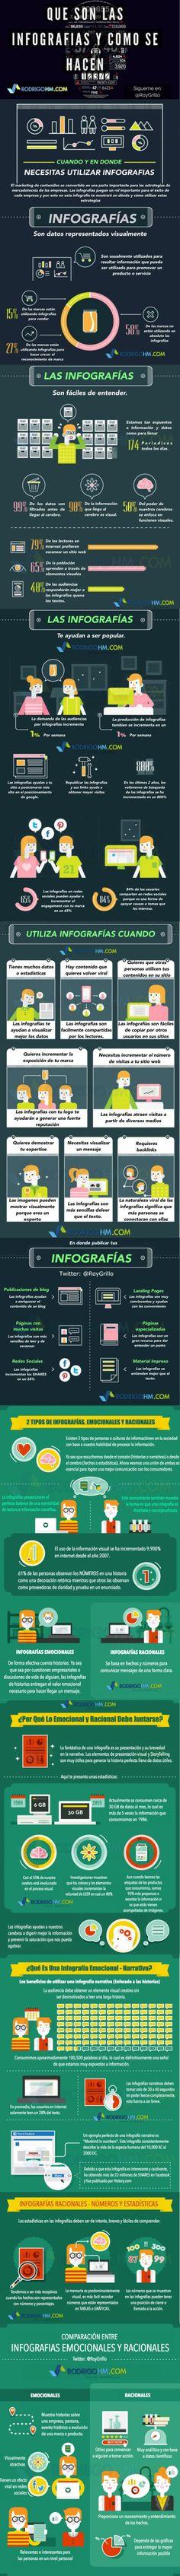 Qué son las infografías y cómo se hacen. Infografía en español. #CommunityManager